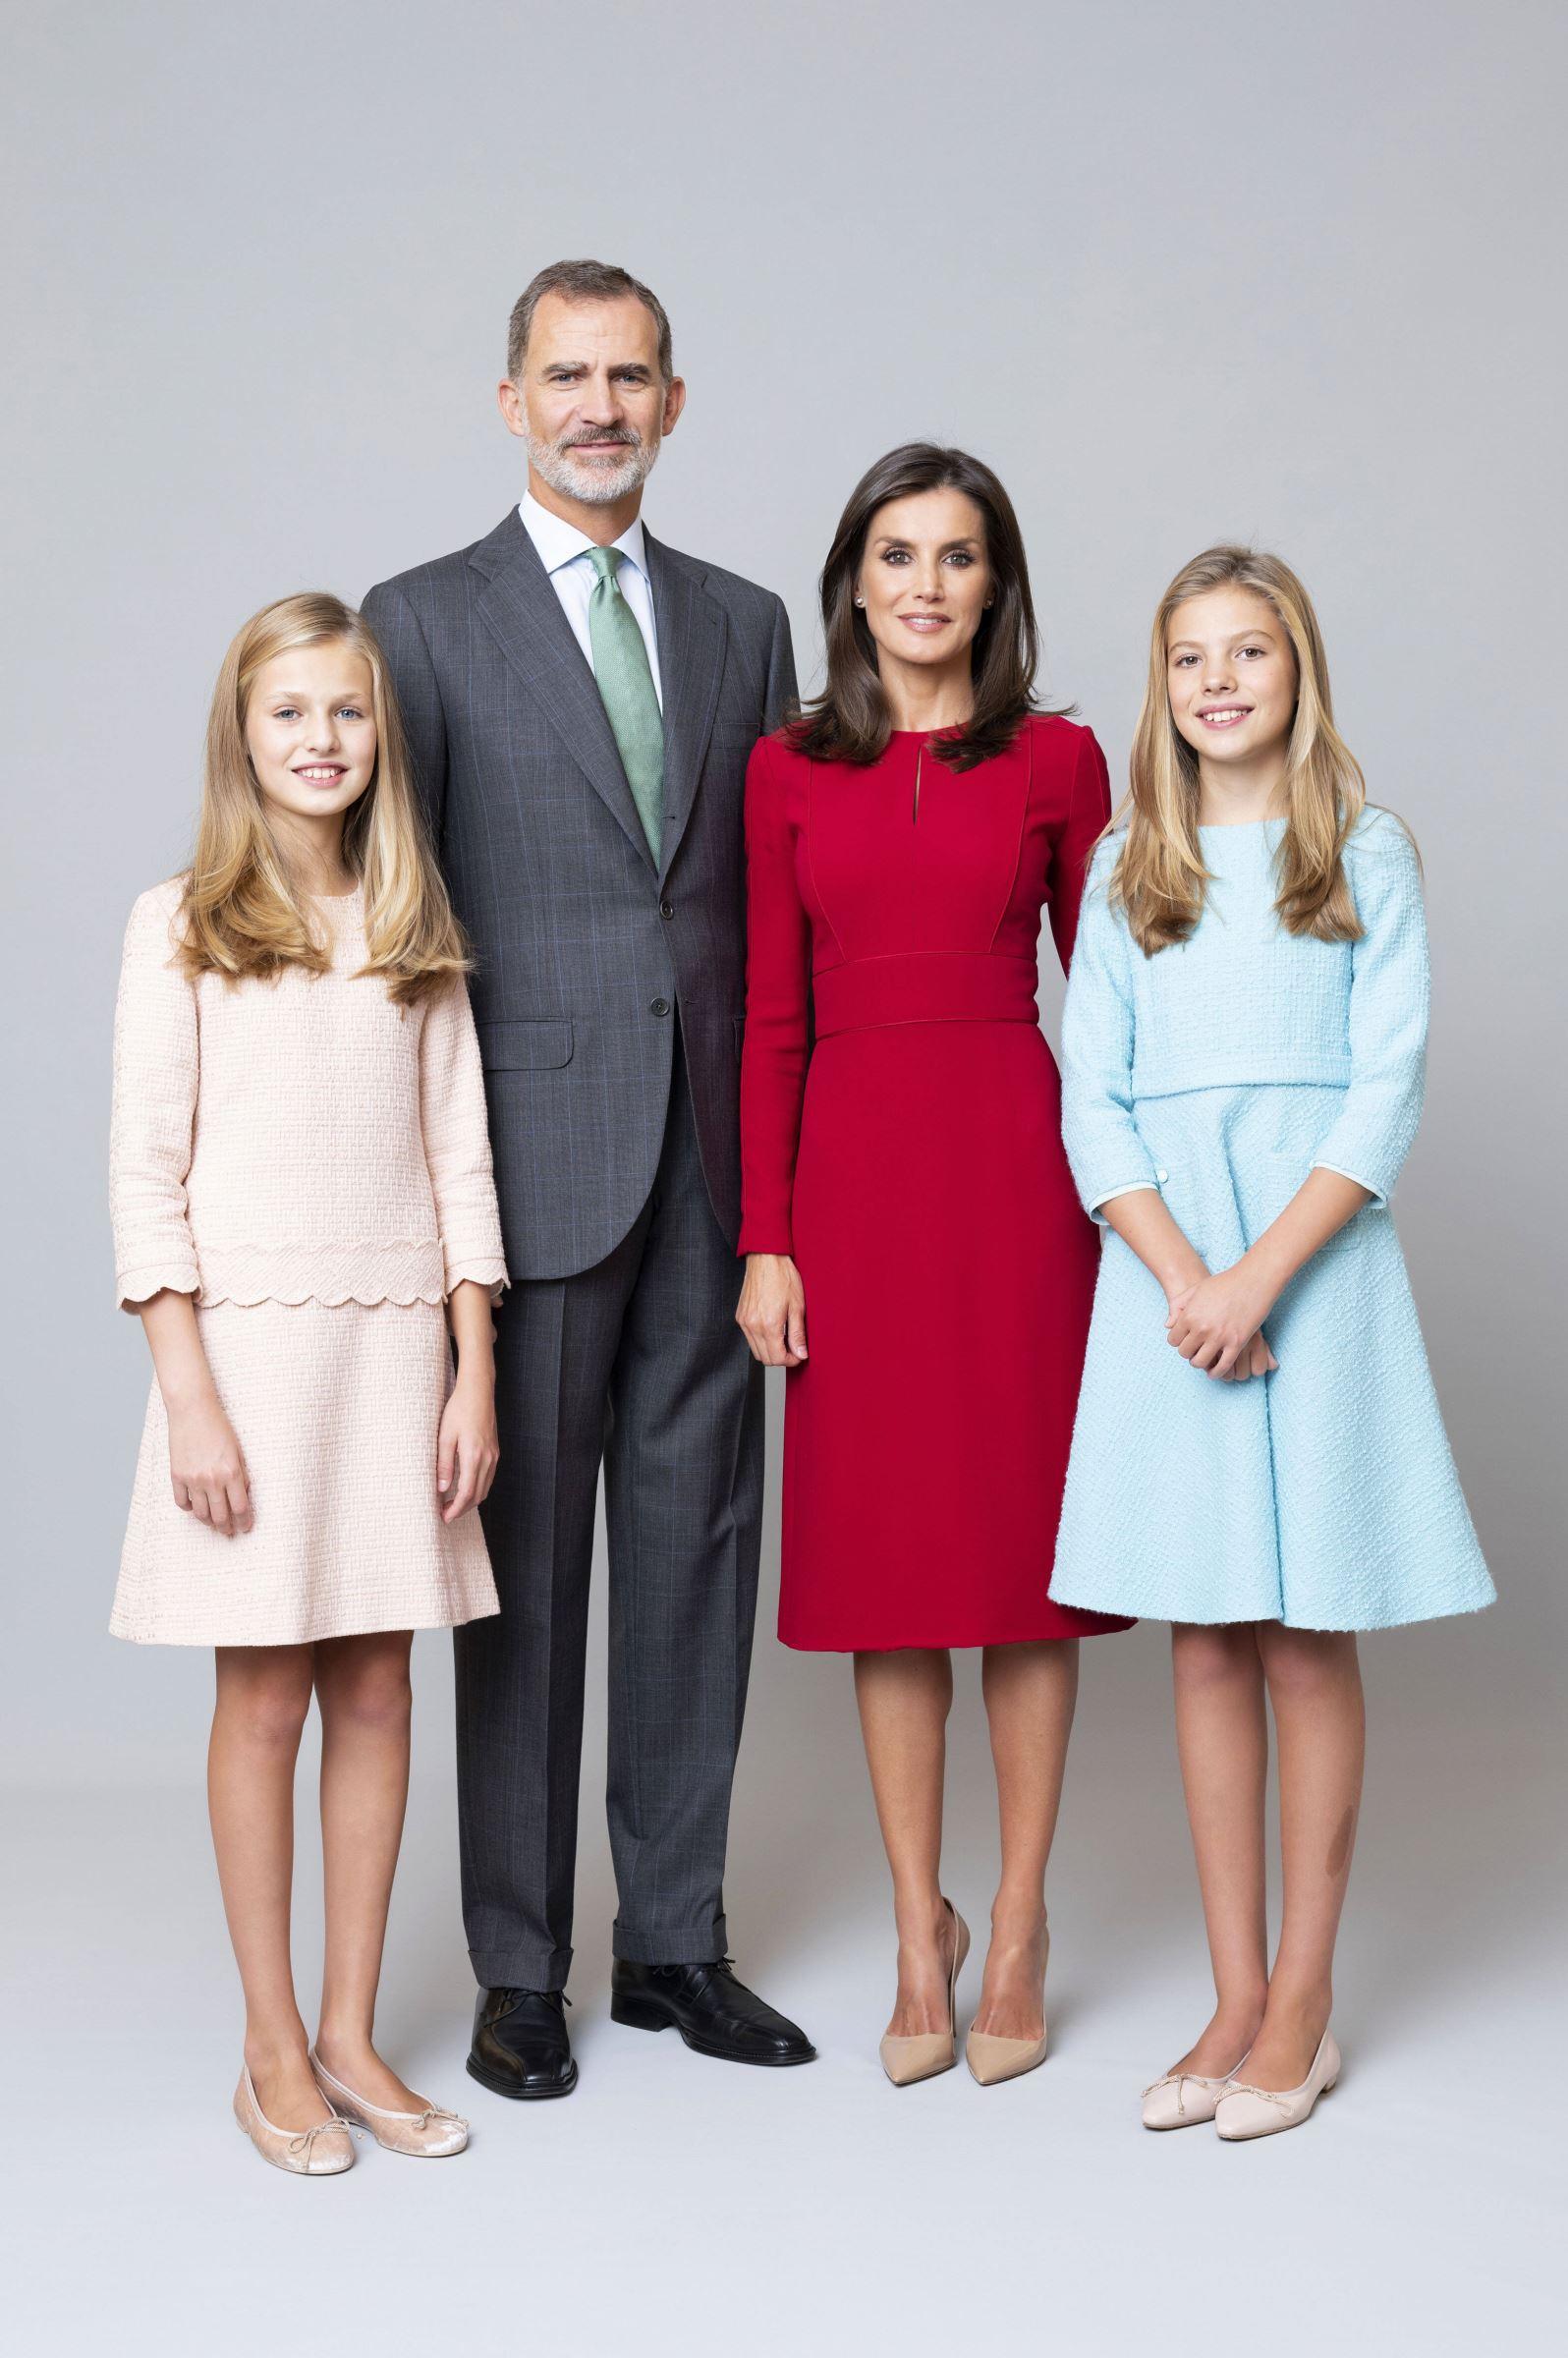 Roi Et Reine D Espagne : reine, espagne, Letizia, D'Espagne, Cette, Coquette, Somme, Dépensée, Le..., Closer